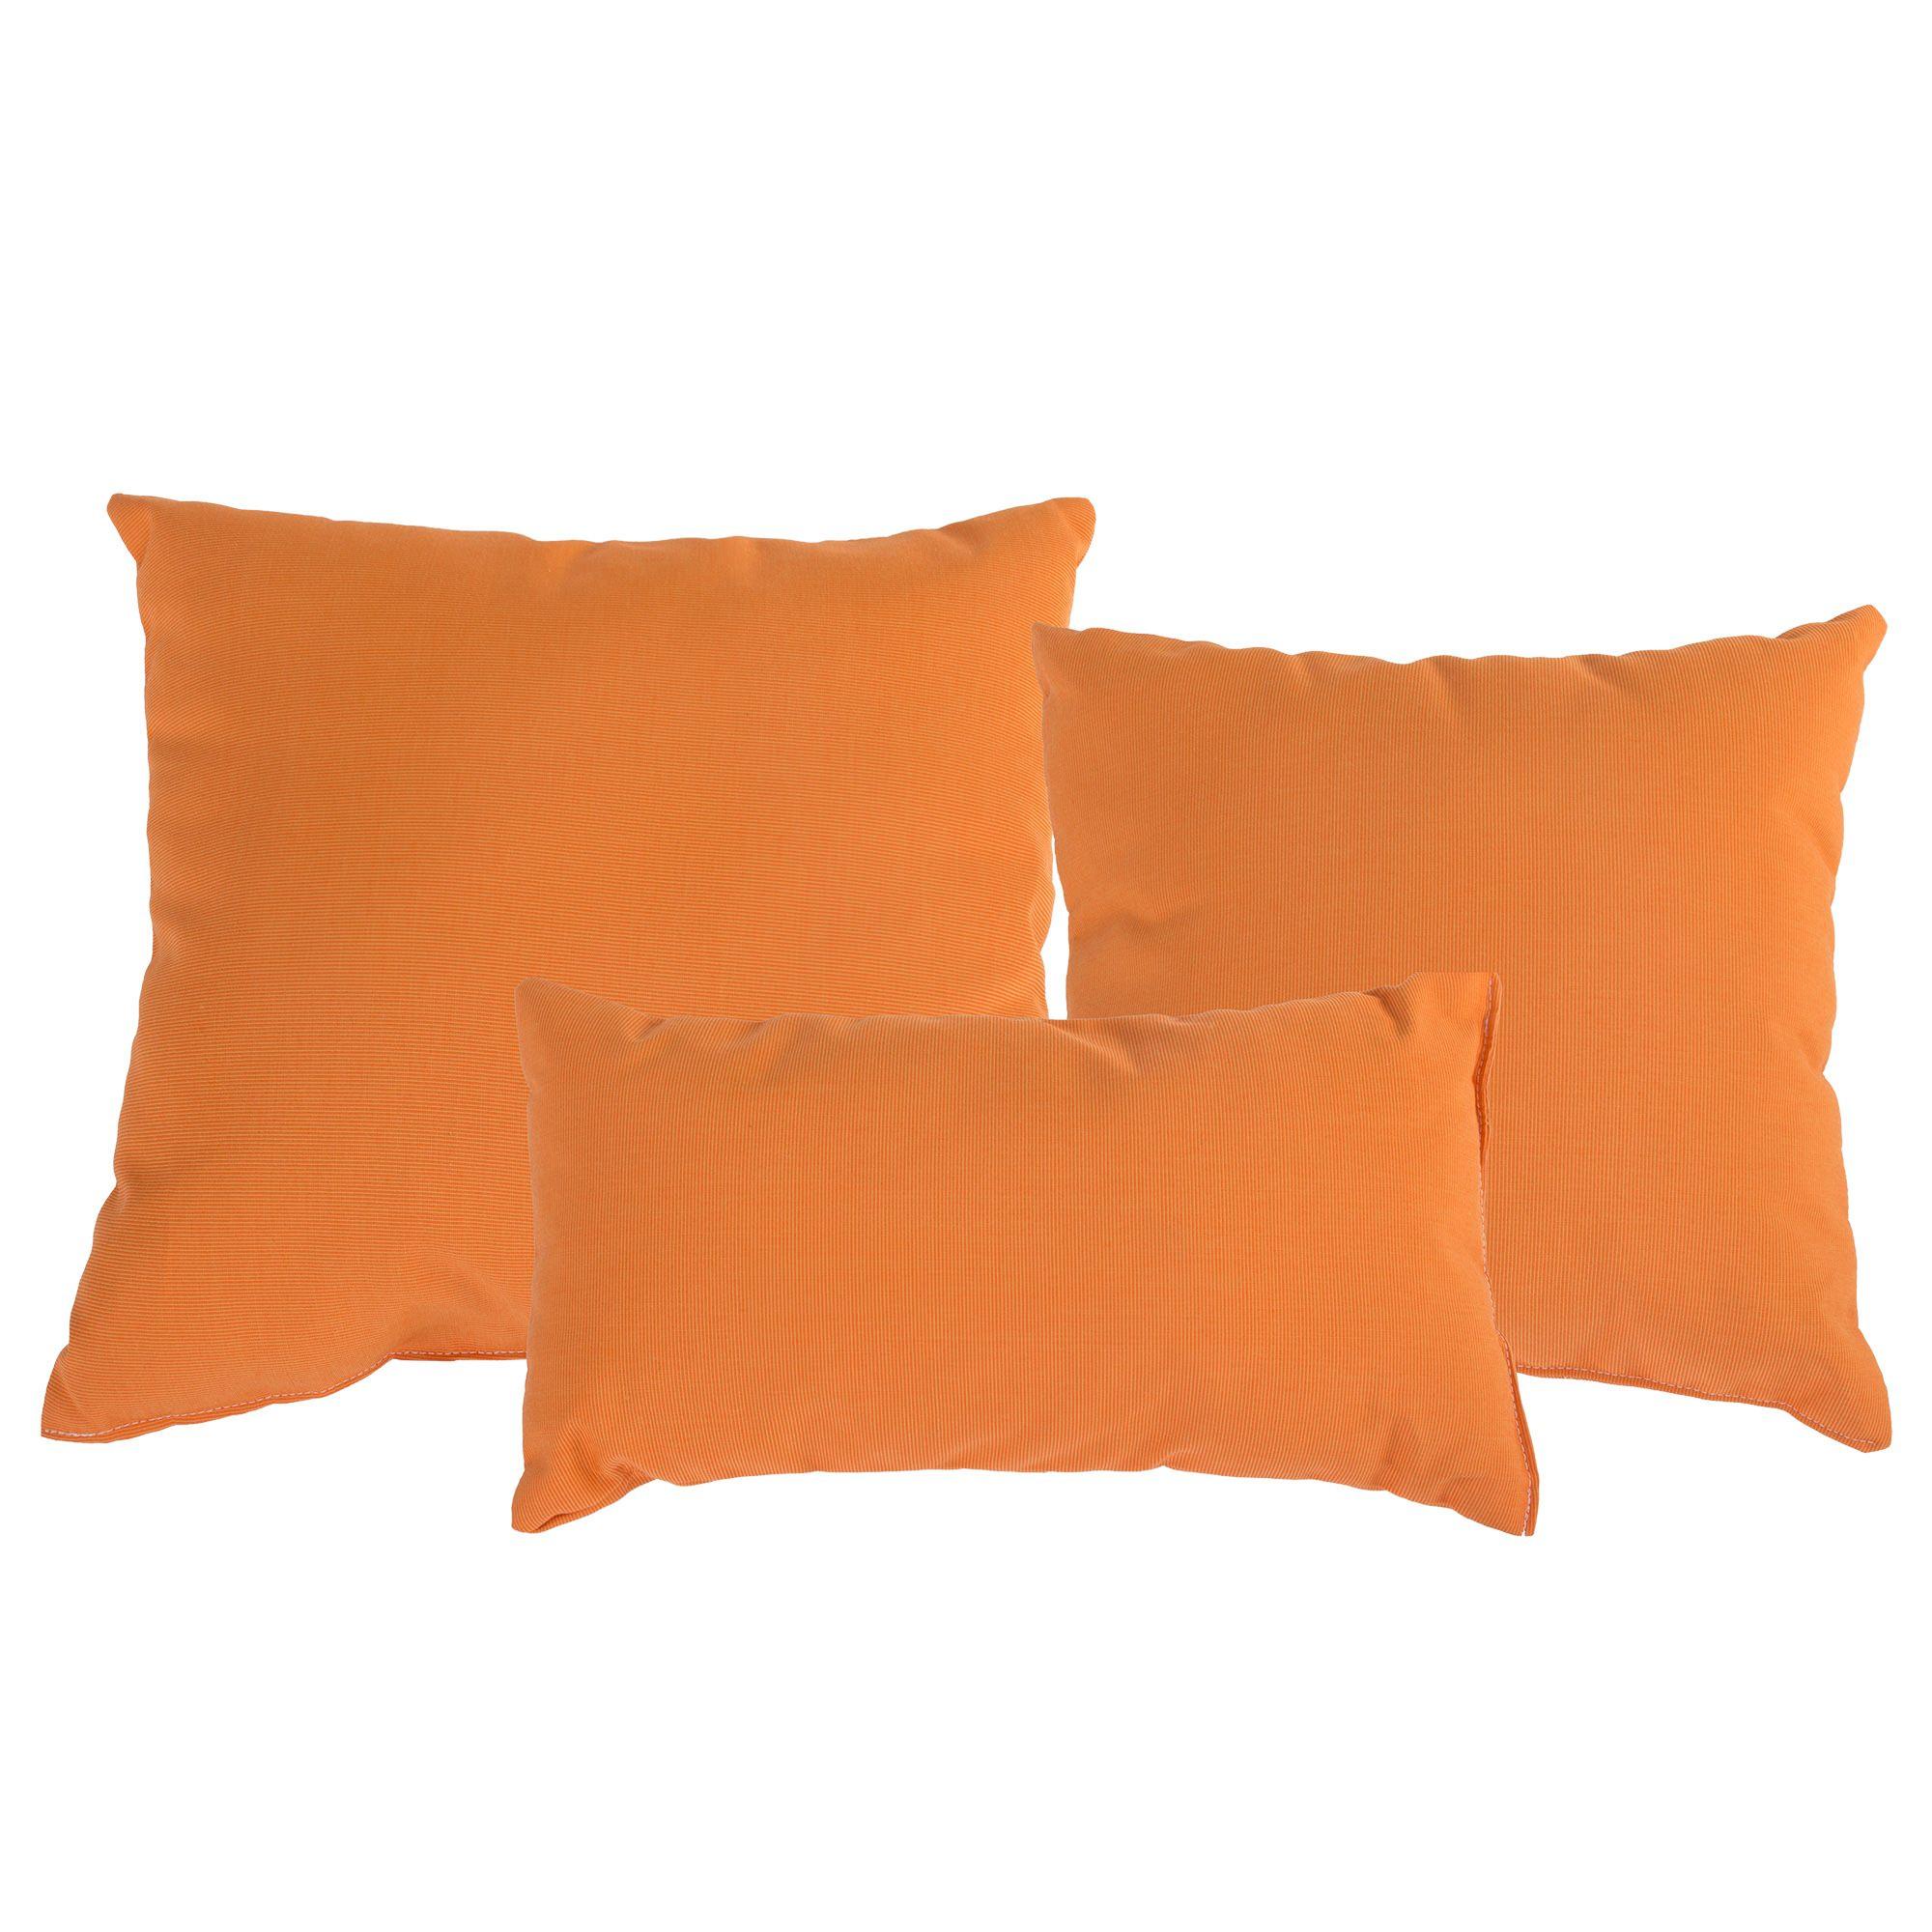 Sunbrella Outdoor Throw Pillow